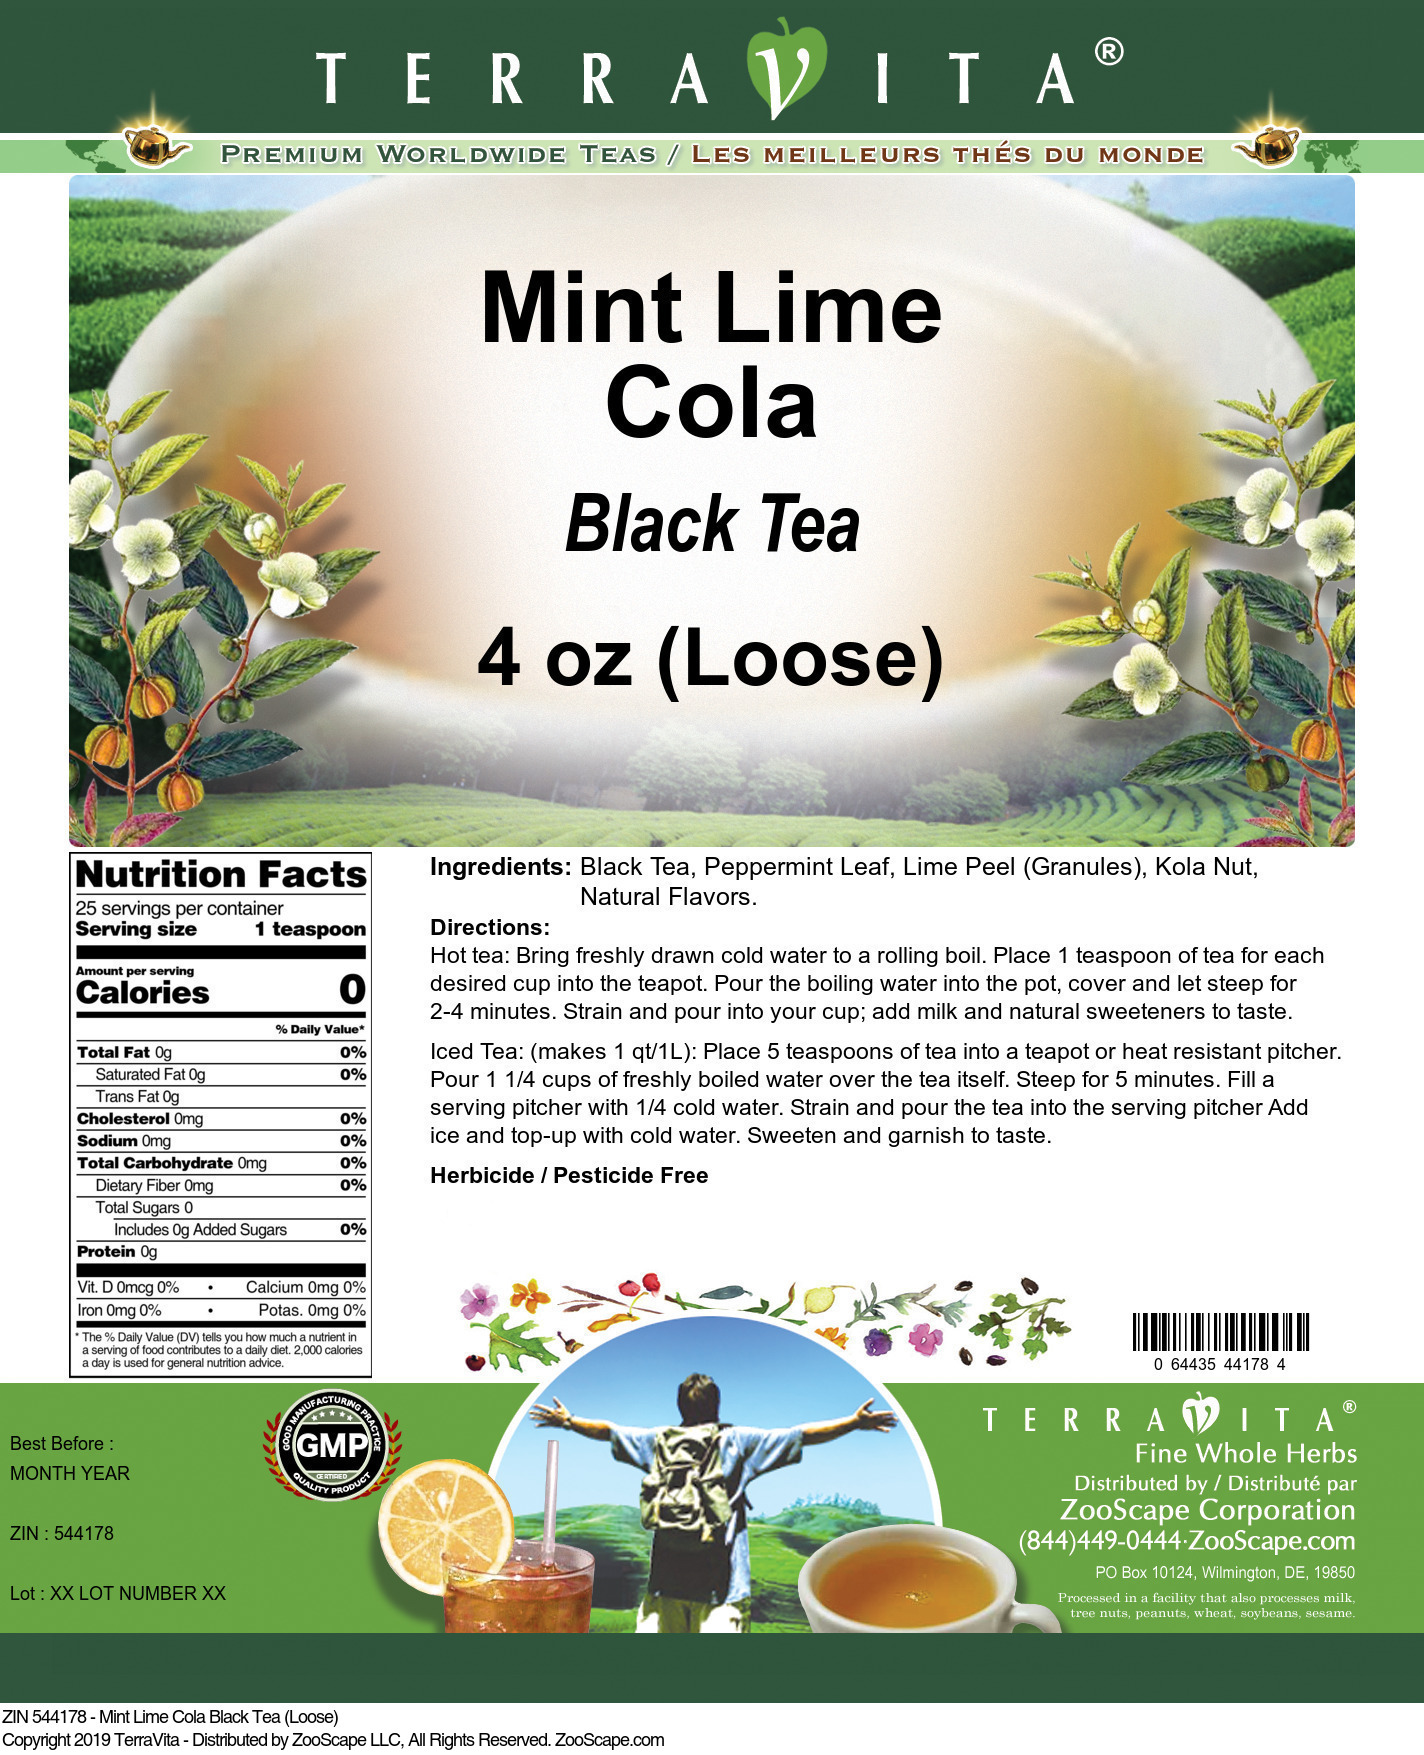 Mint Lime Cola Black Tea (Loose)